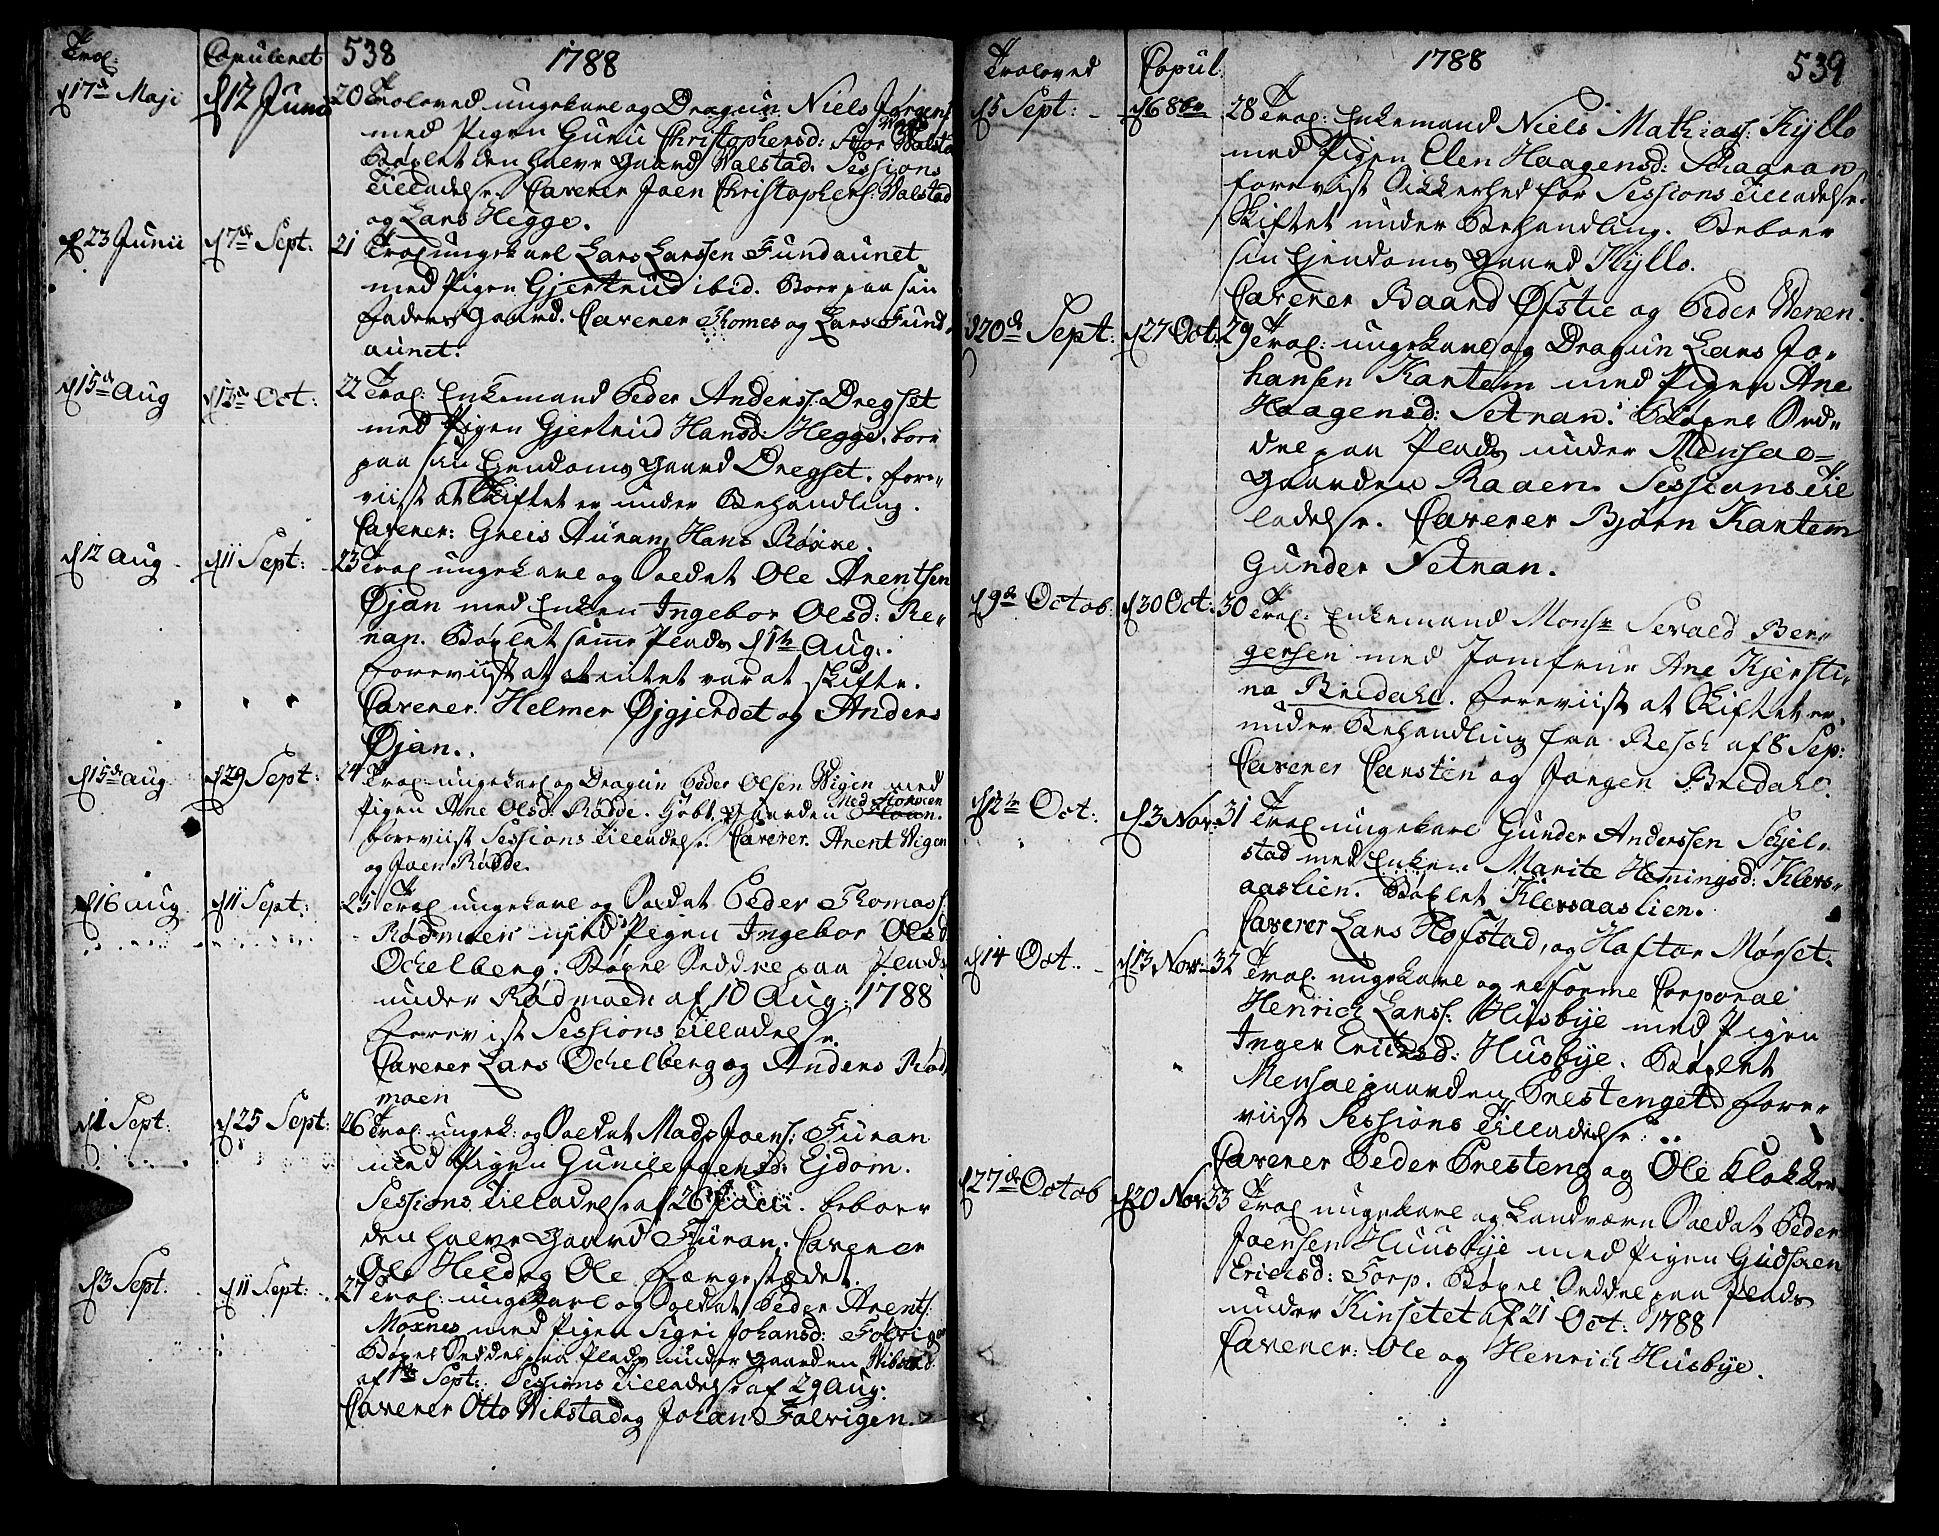 SAT, Ministerialprotokoller, klokkerbøker og fødselsregistre - Nord-Trøndelag, 709/L0059: Ministerialbok nr. 709A06, 1781-1797, s. 538-539